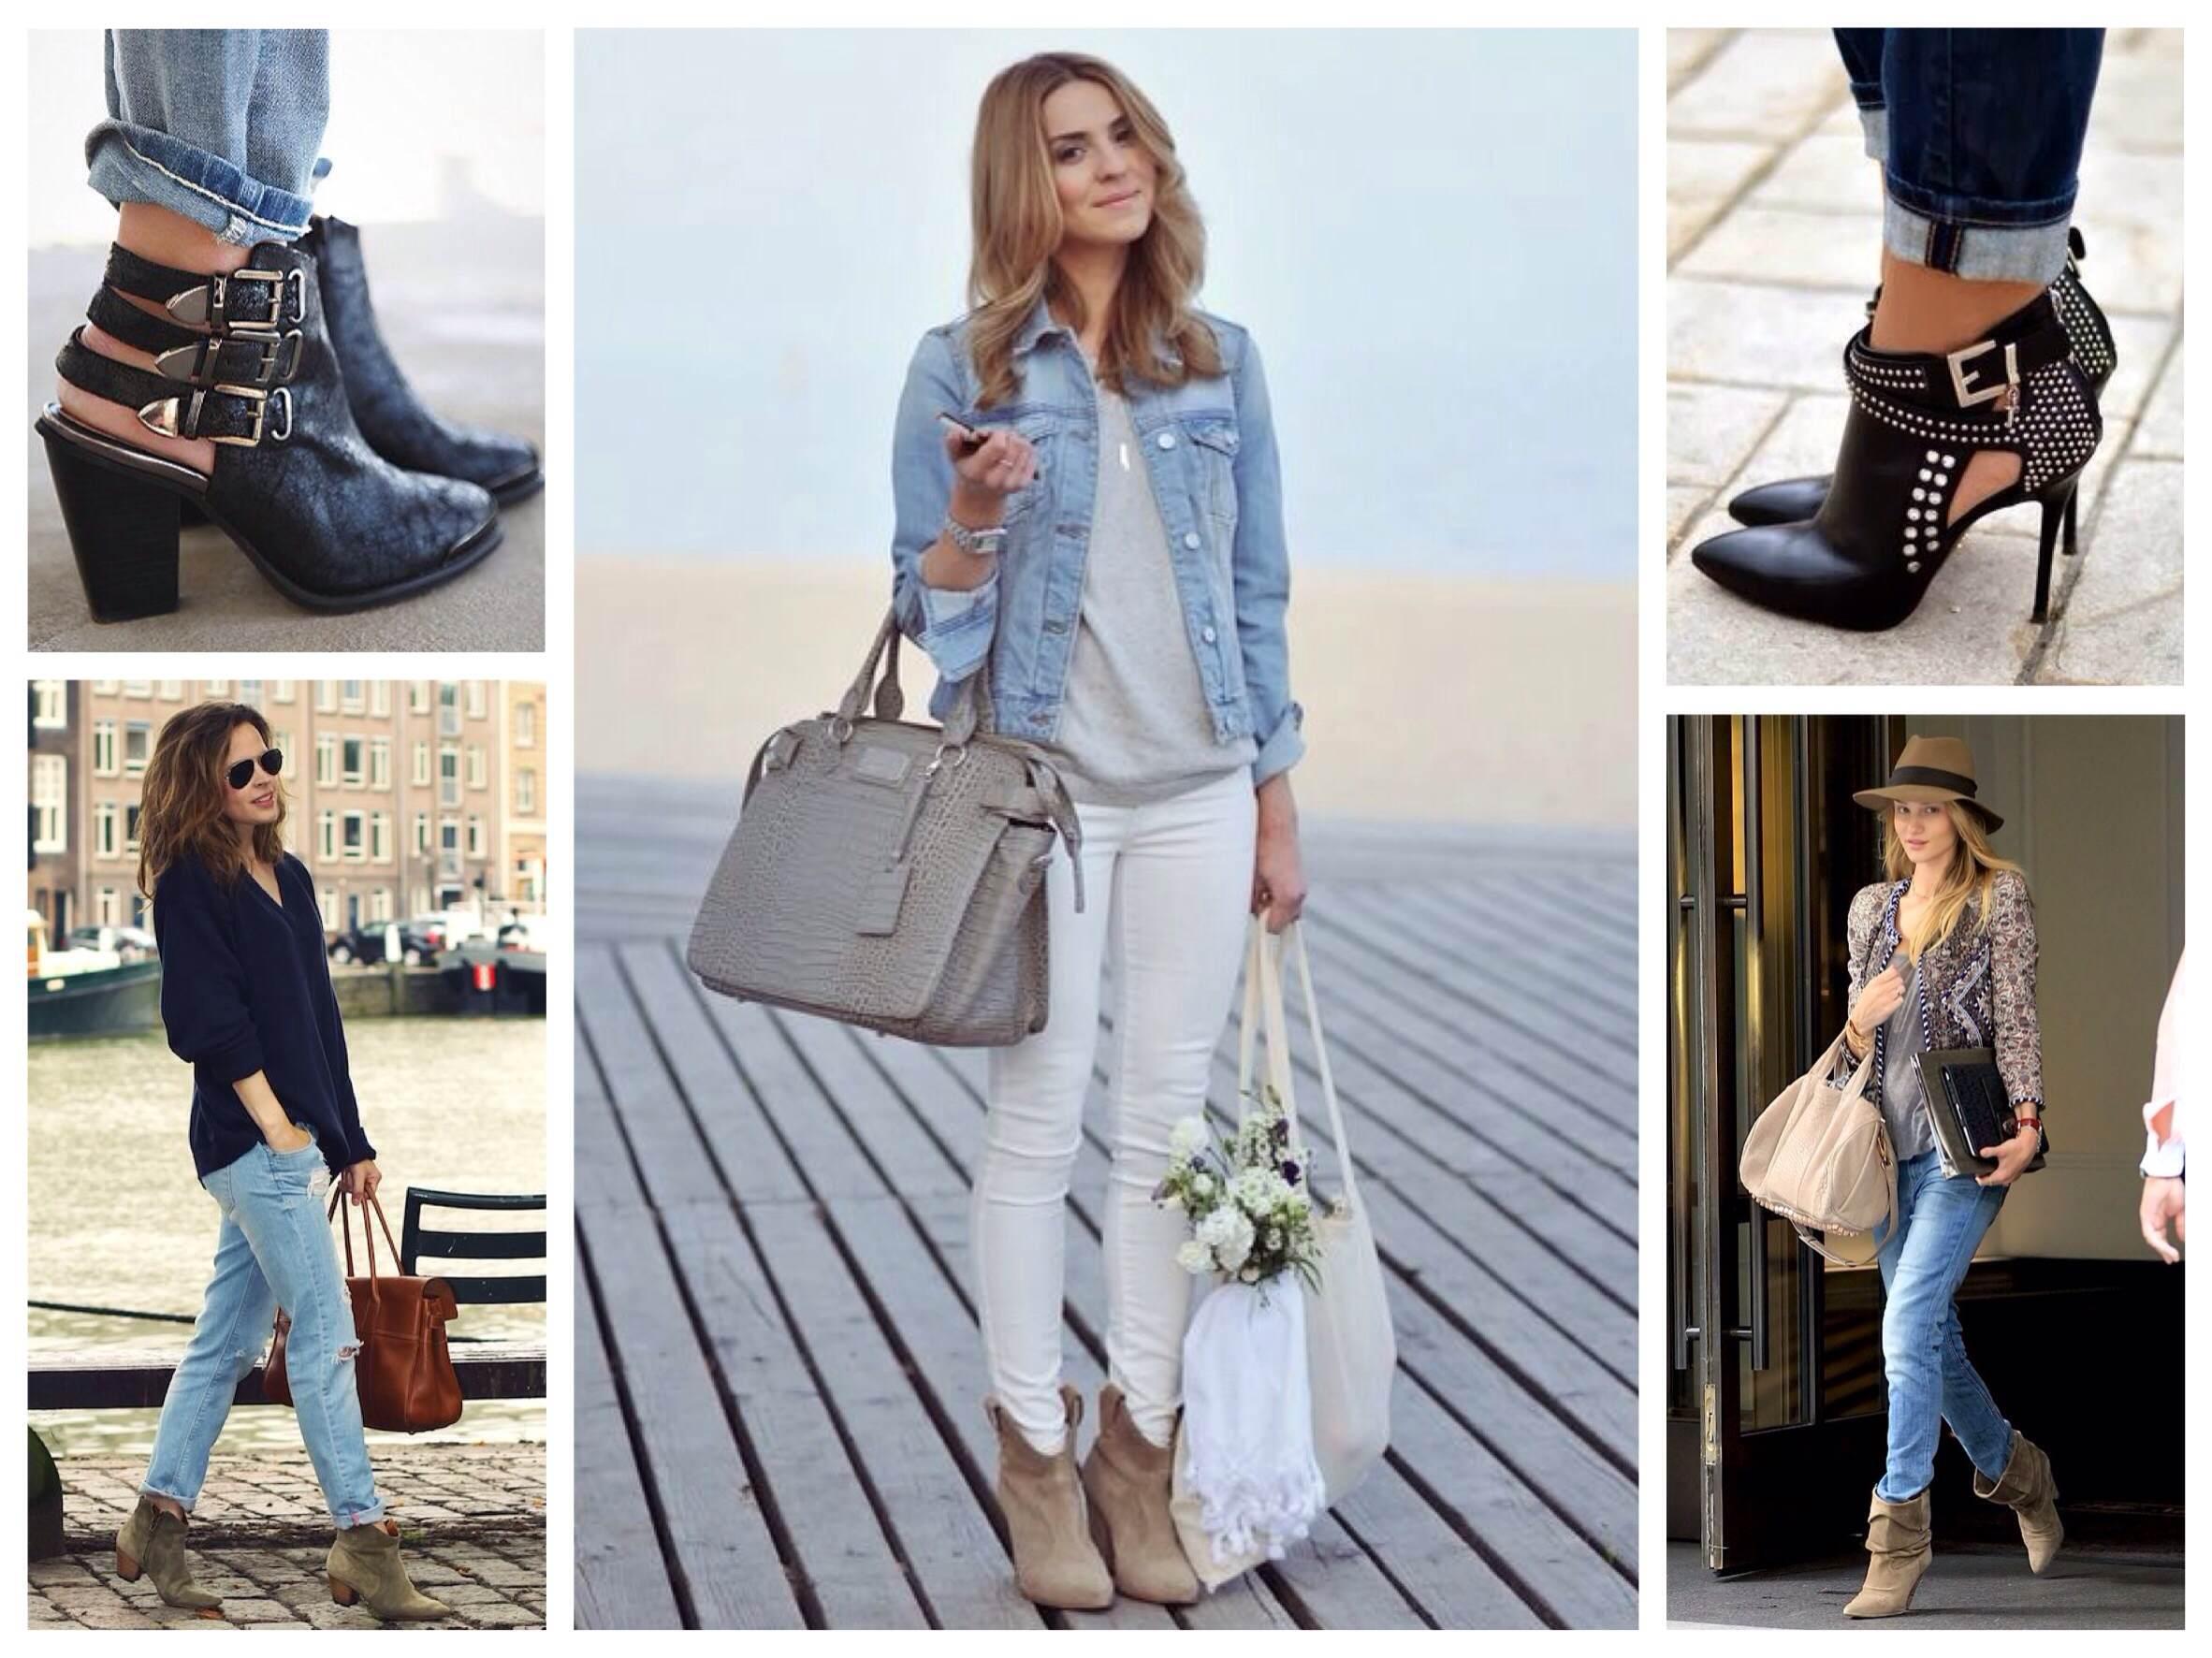 Ботильйони і черевики для джинсових комплектів cf4aba77d8c9f